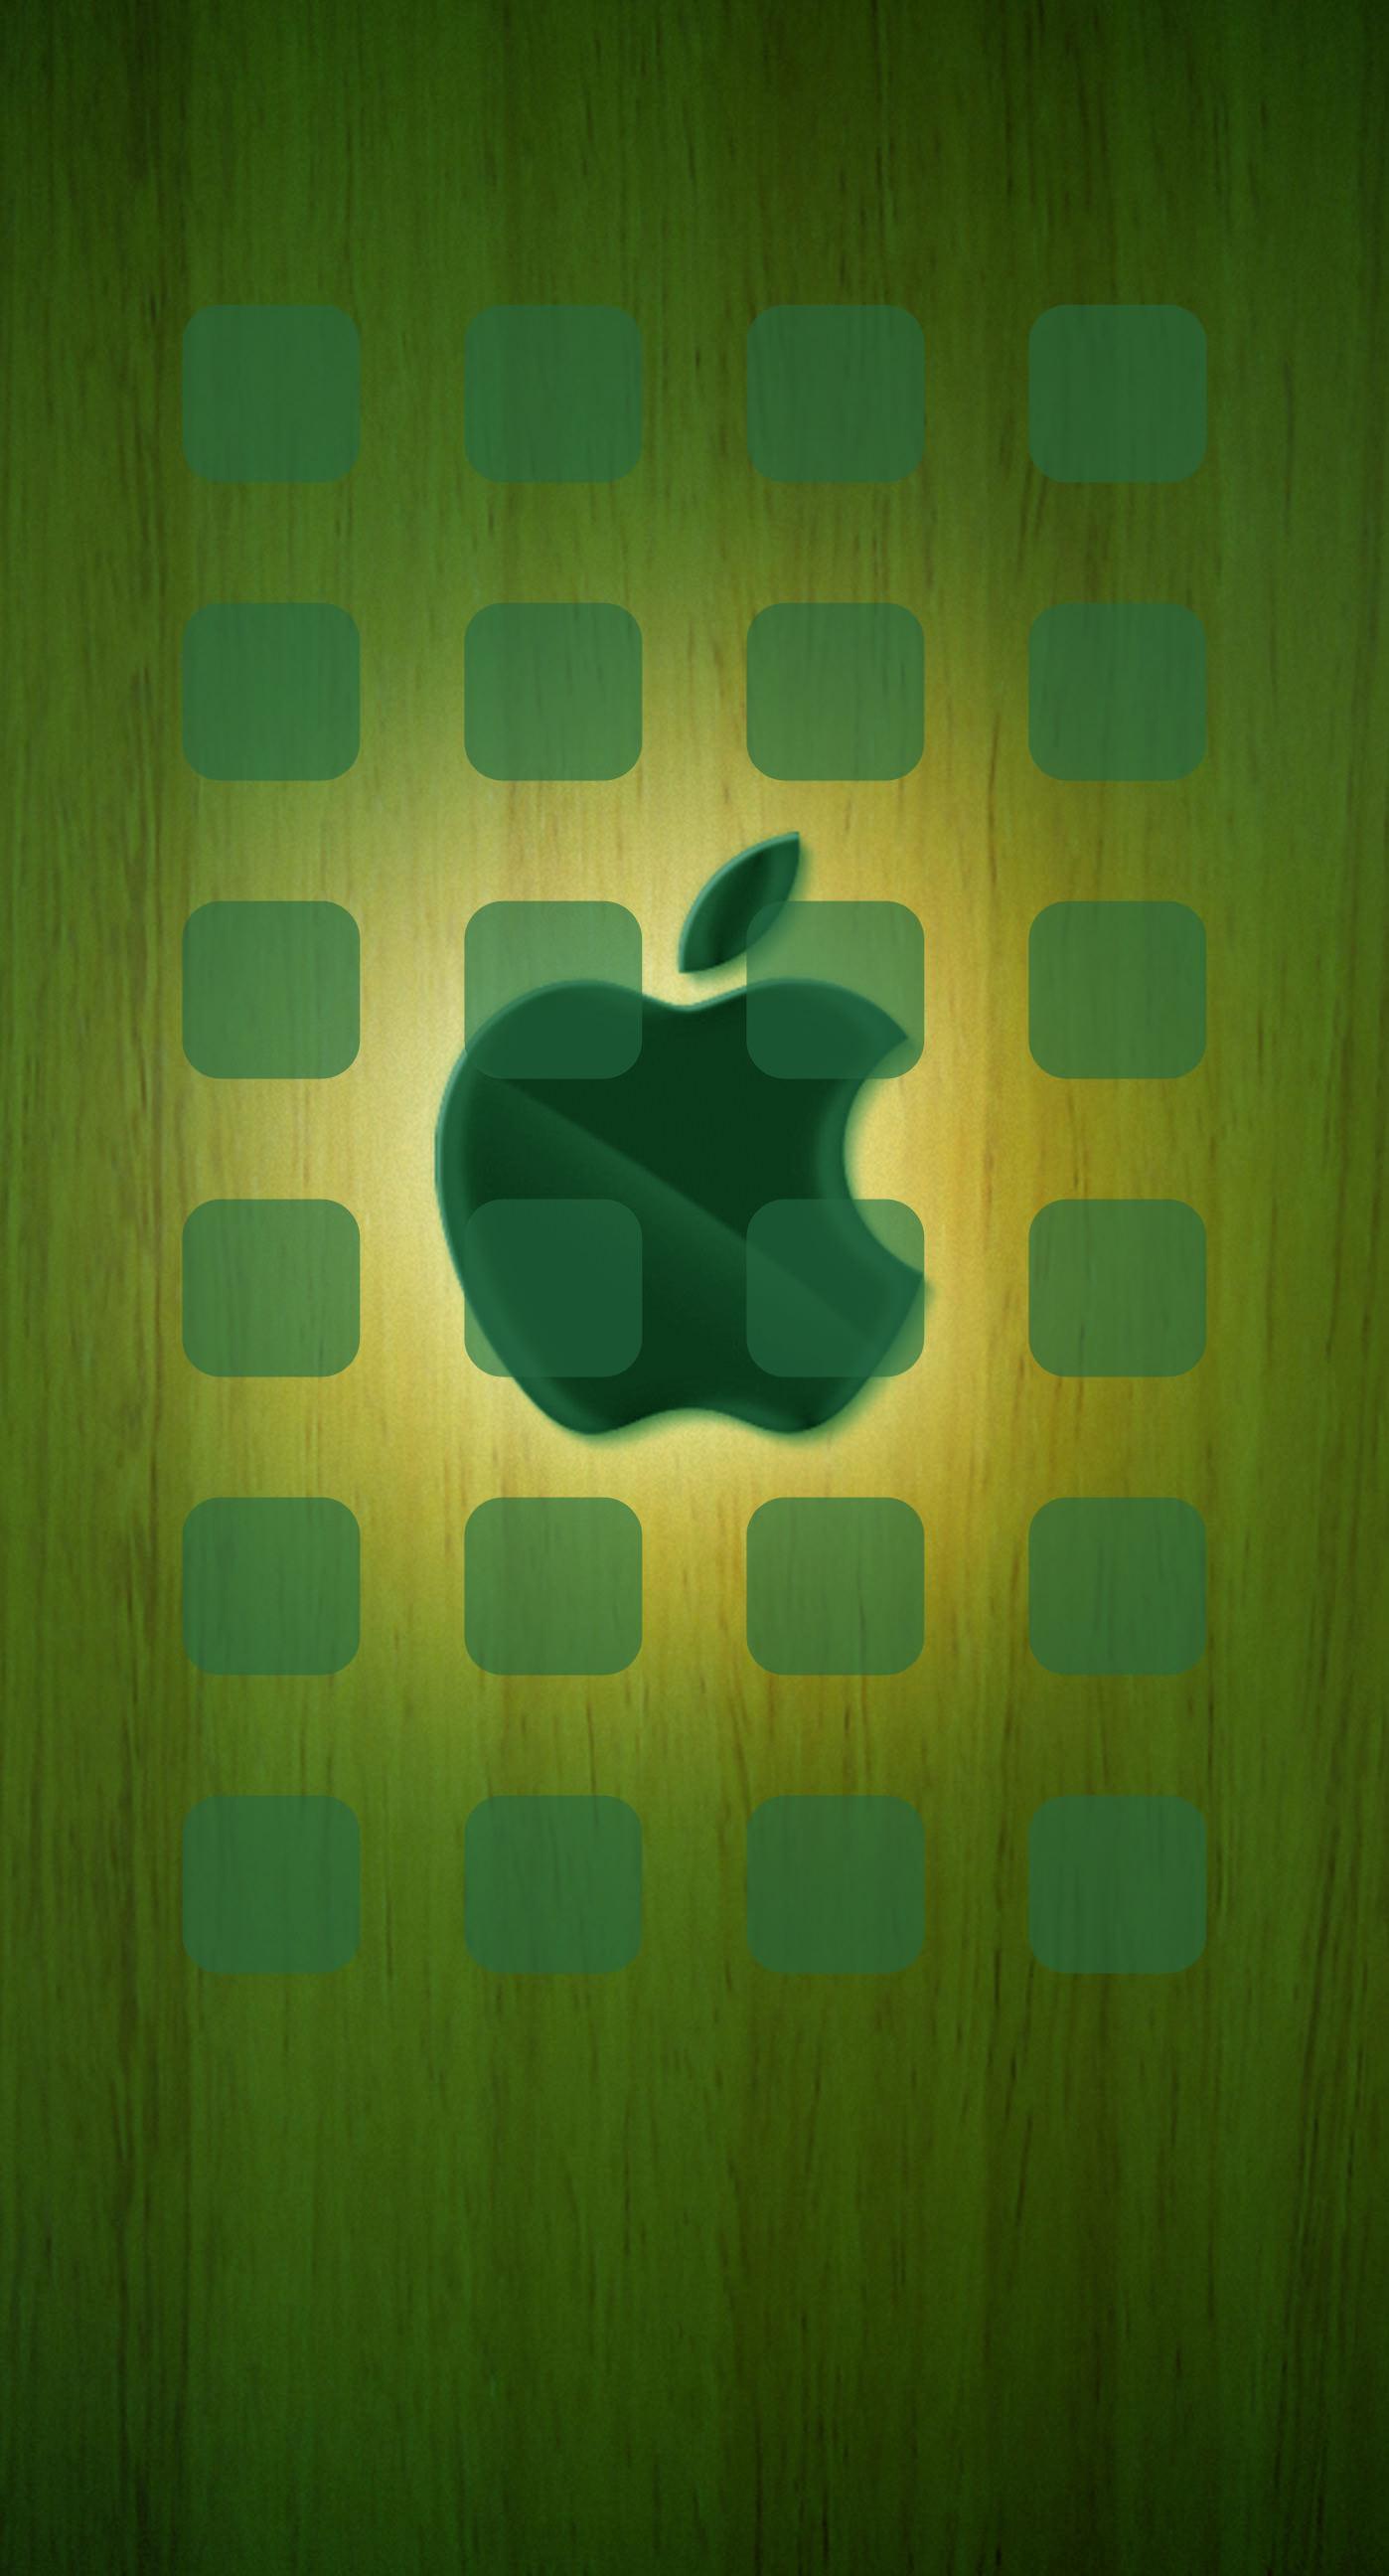 Wallpaper iphone kuning - Logo Apple Rak Piring Dingin Kuning Hijau Iphone7 Plus Wallpaper